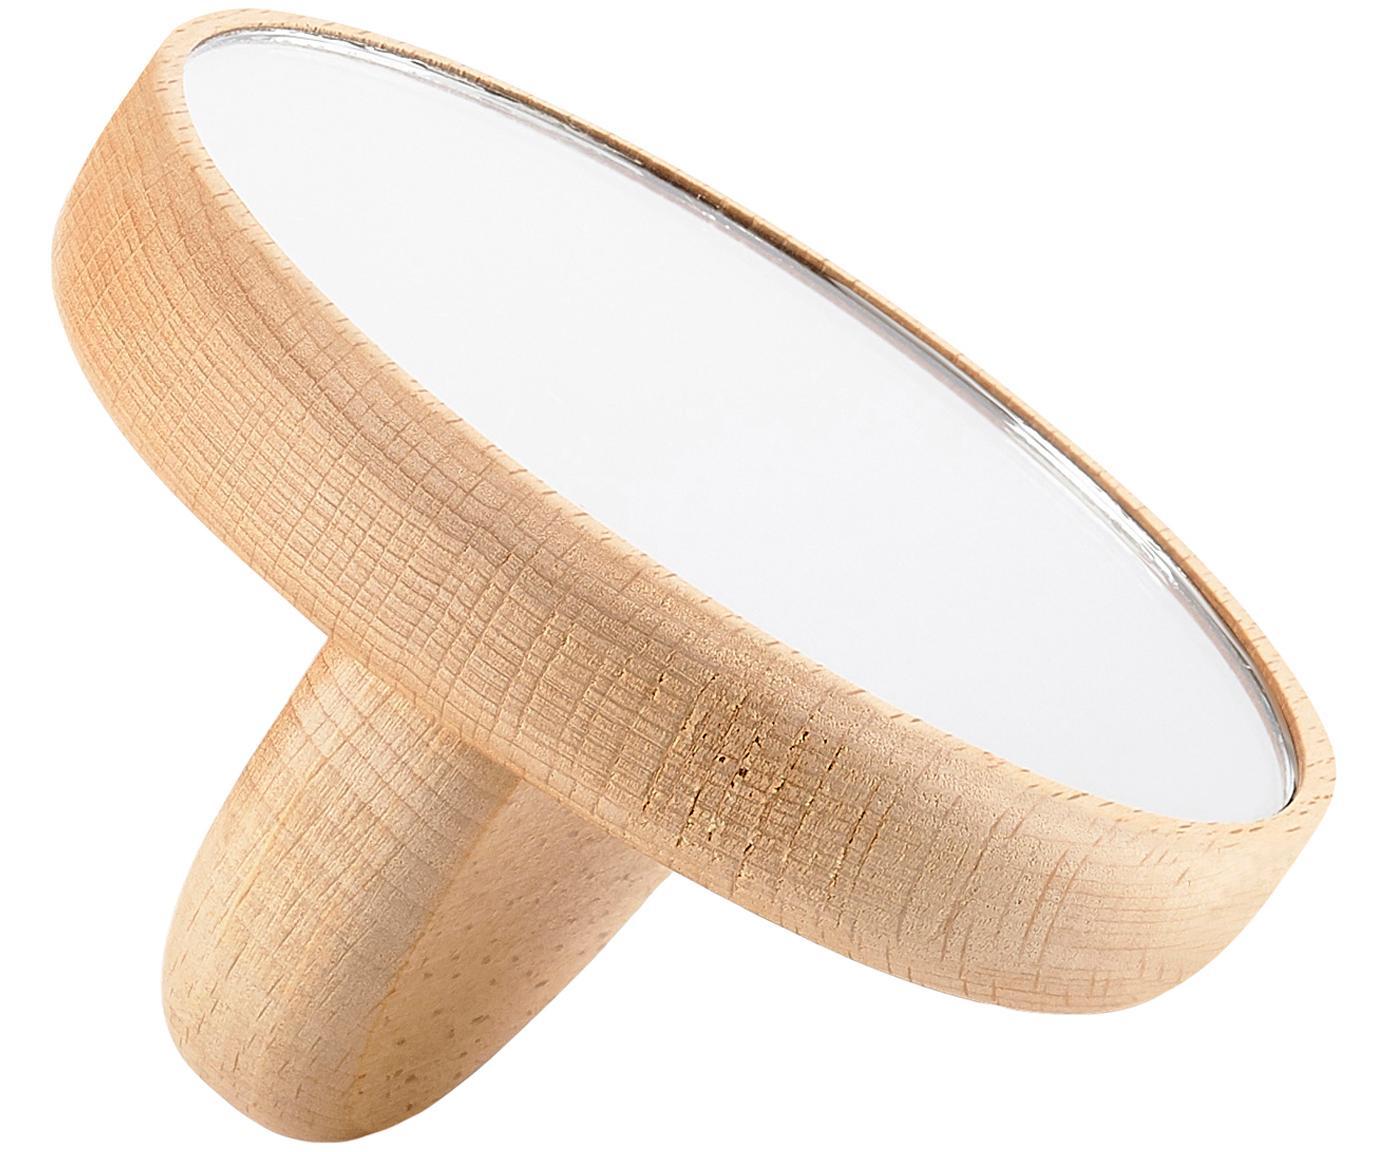 Lusterko kosmetyczne Inu, Drewno, szkło lustrzane, Drewno naturalne, S 9 x W 5 cm